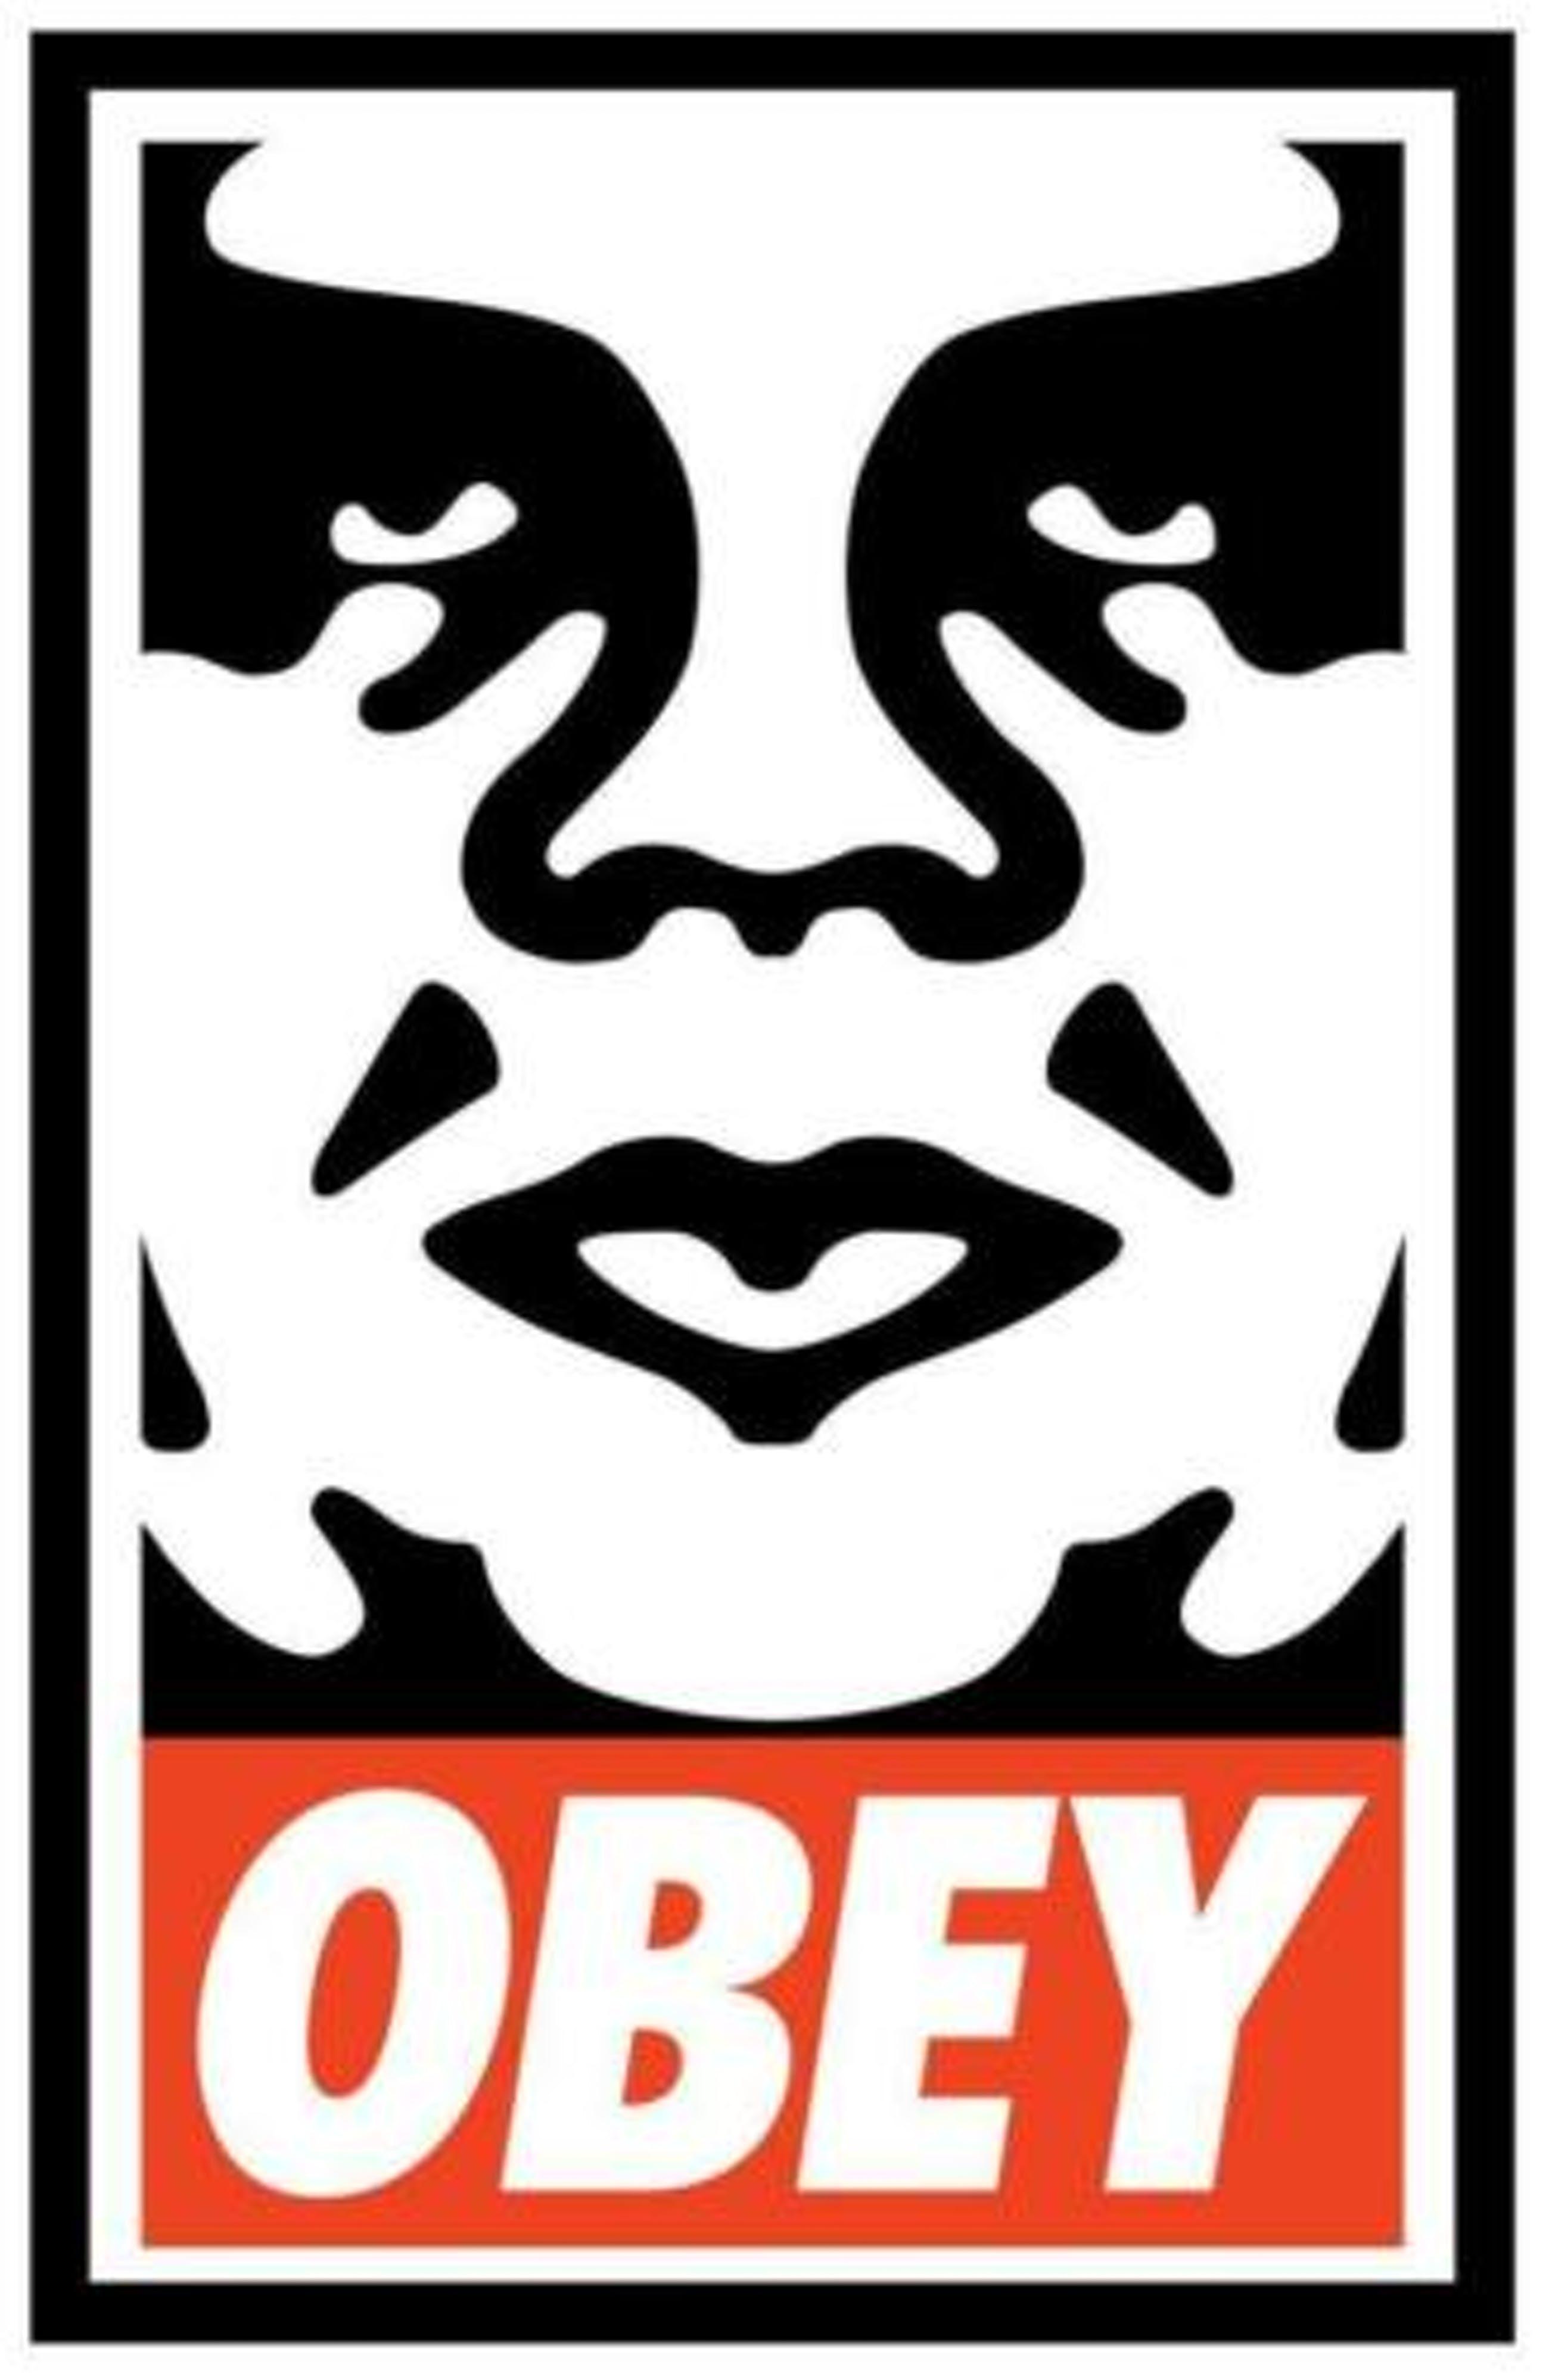 Shepard Fairey - Obey andre the giant kopen? Bied vanaf 49!